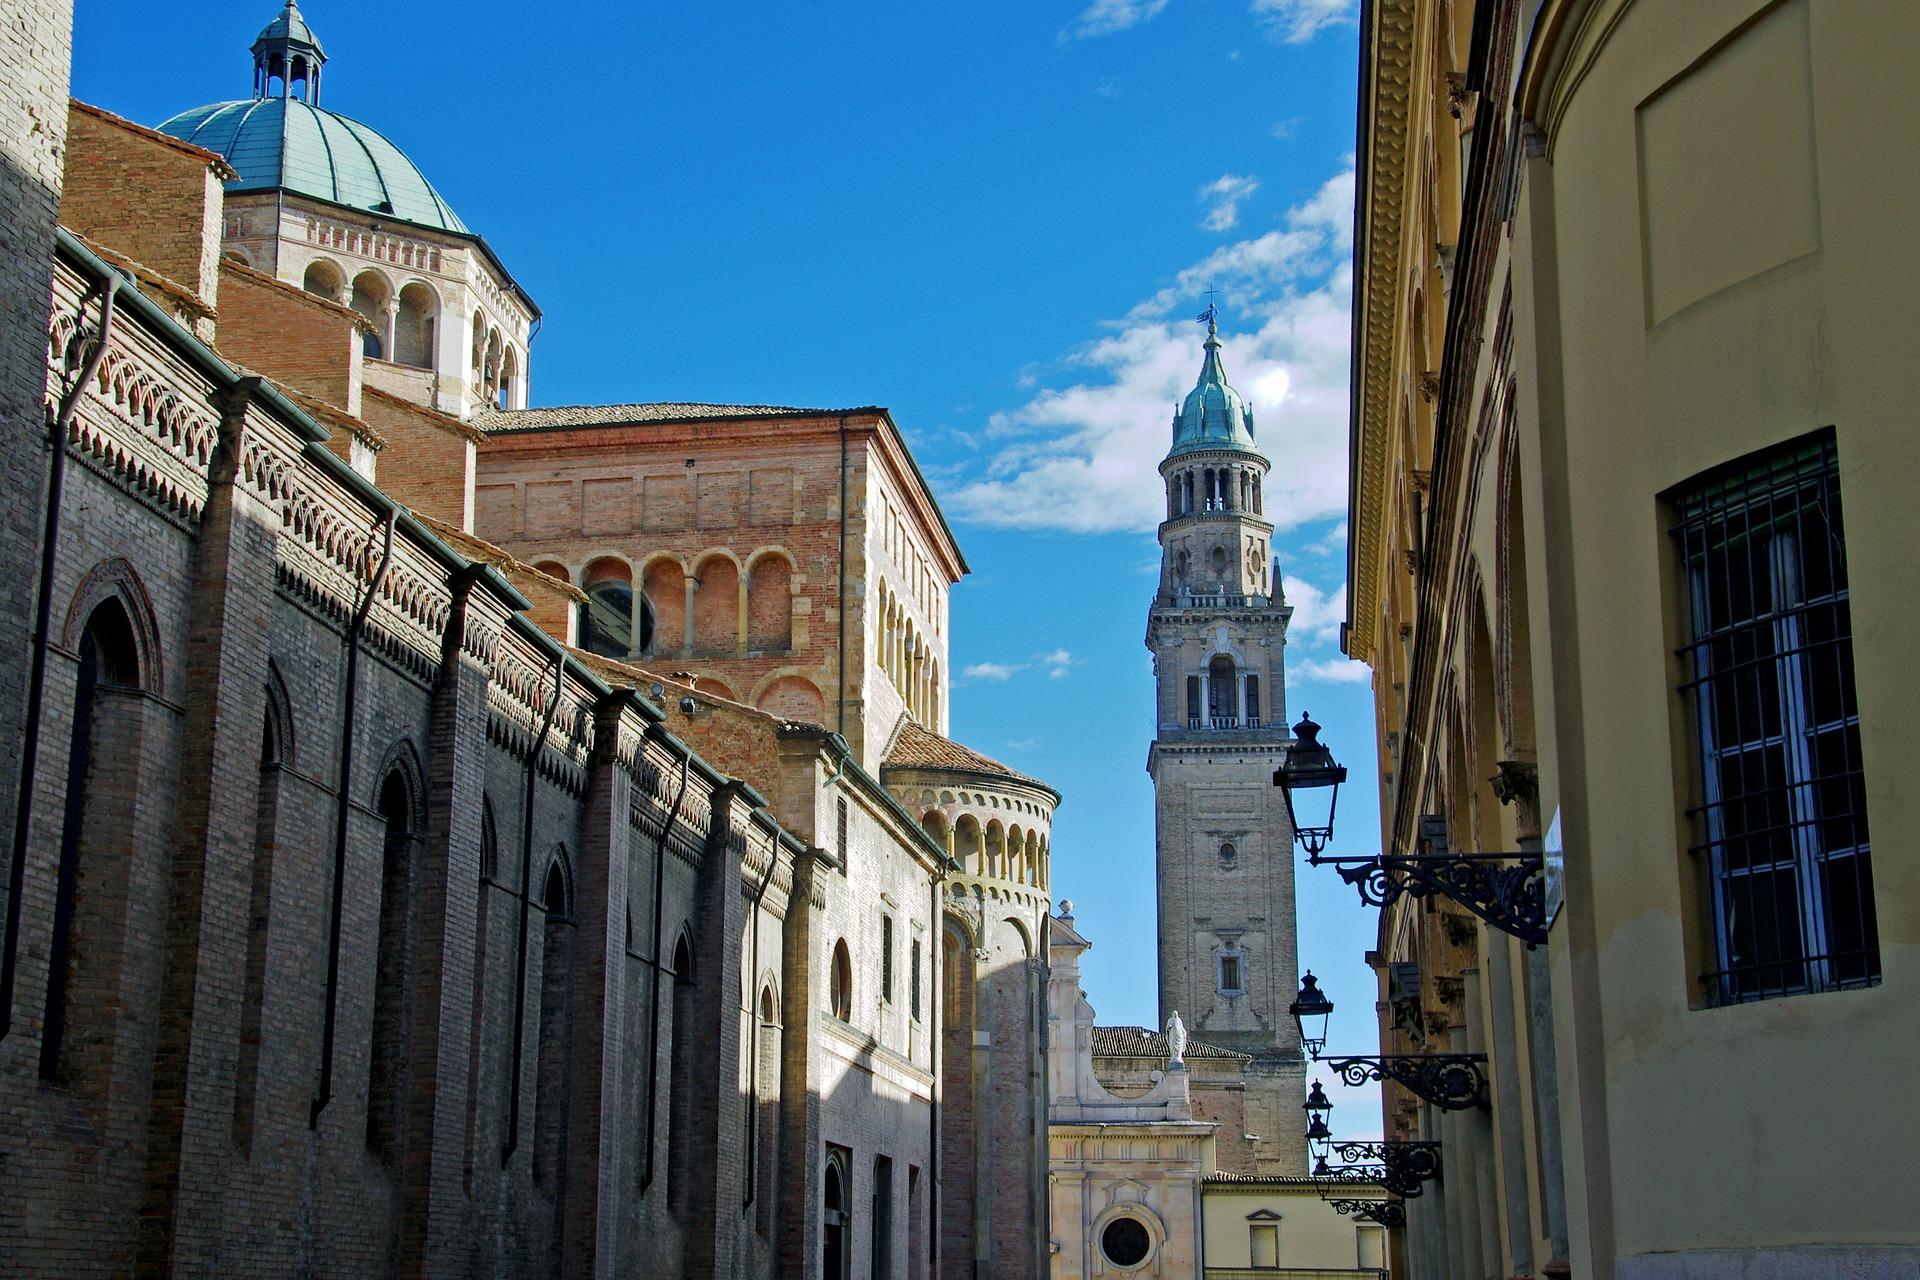 piazza duomo - catedral parma italia